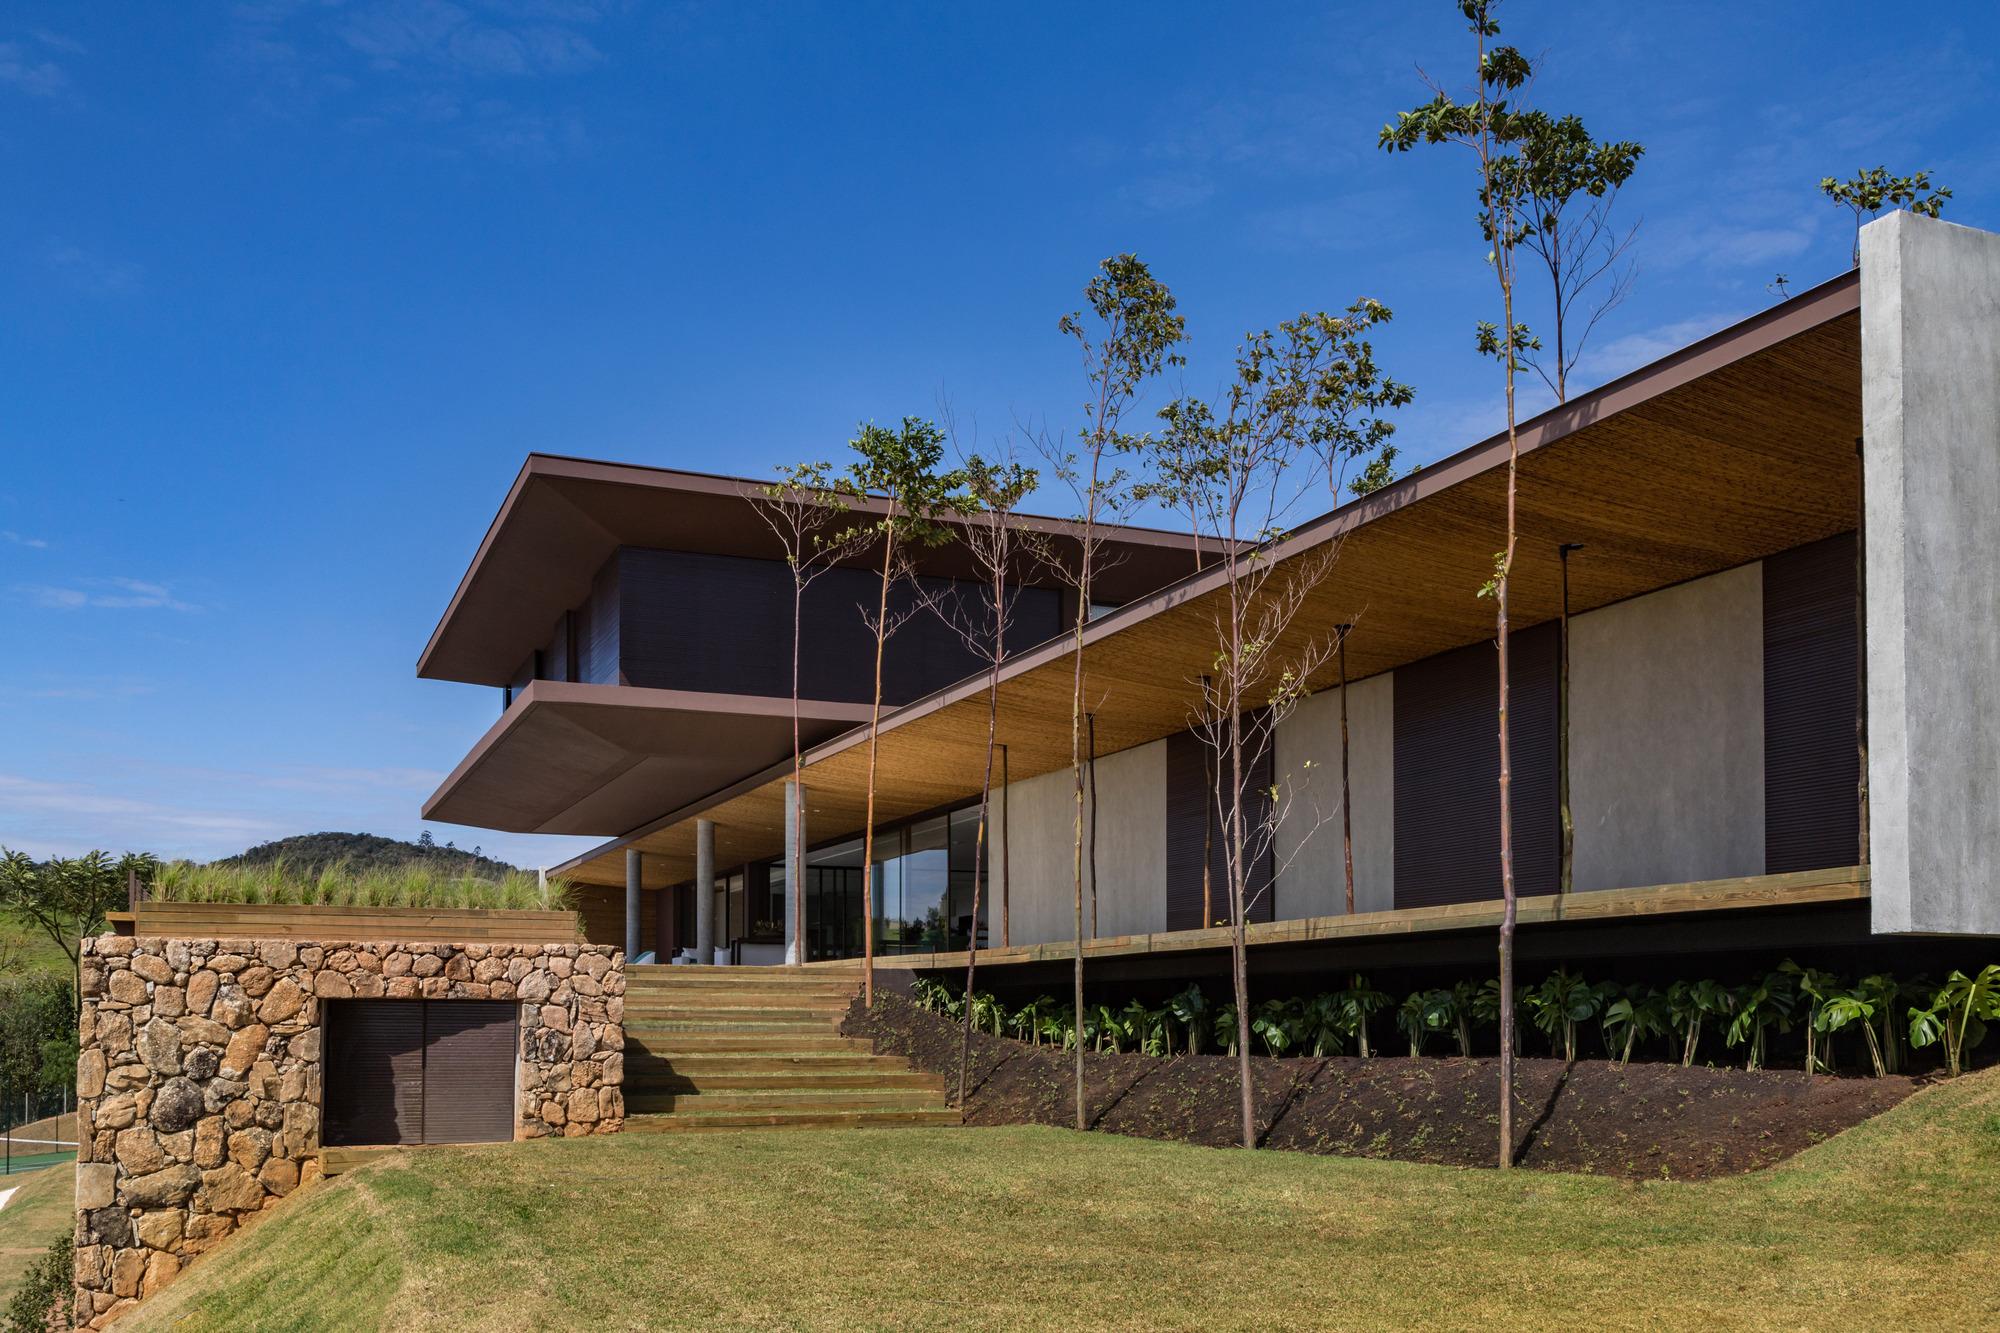 CR Residence / Padovani Arquitetos Associados